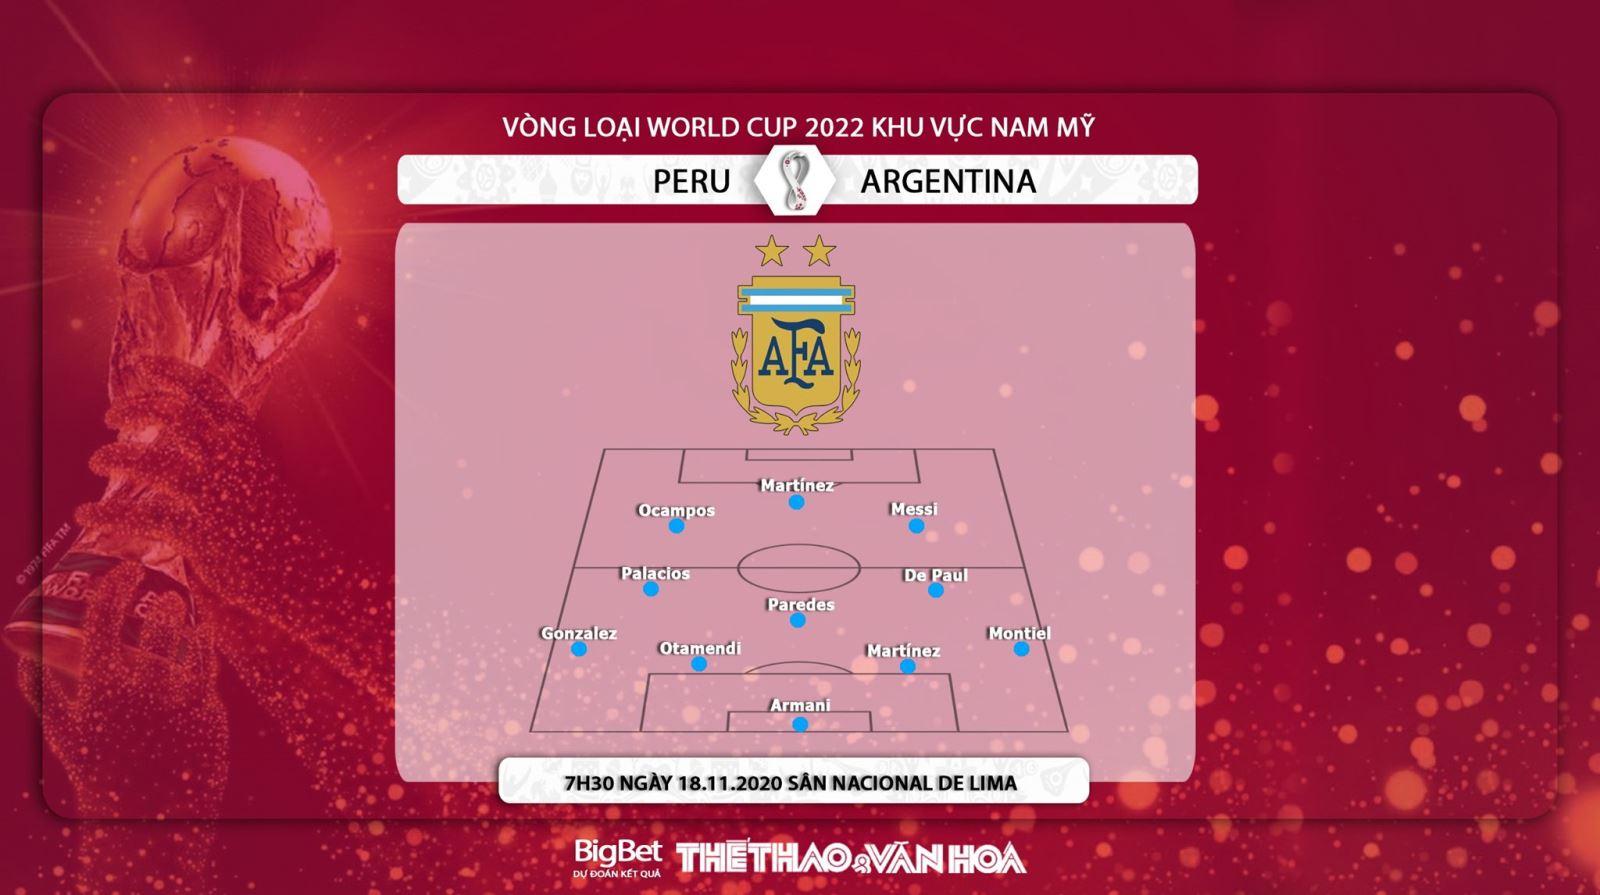 Keo nha cai, Kèo nhà cái, Peru vs Argentina, Trực tiếp bóng đá, Vòng loại World Cup Nam Mỹ, soi kèo bóng đá, kèo Argentina đấu với Peru, kèo bóng đá Nam Mỹ